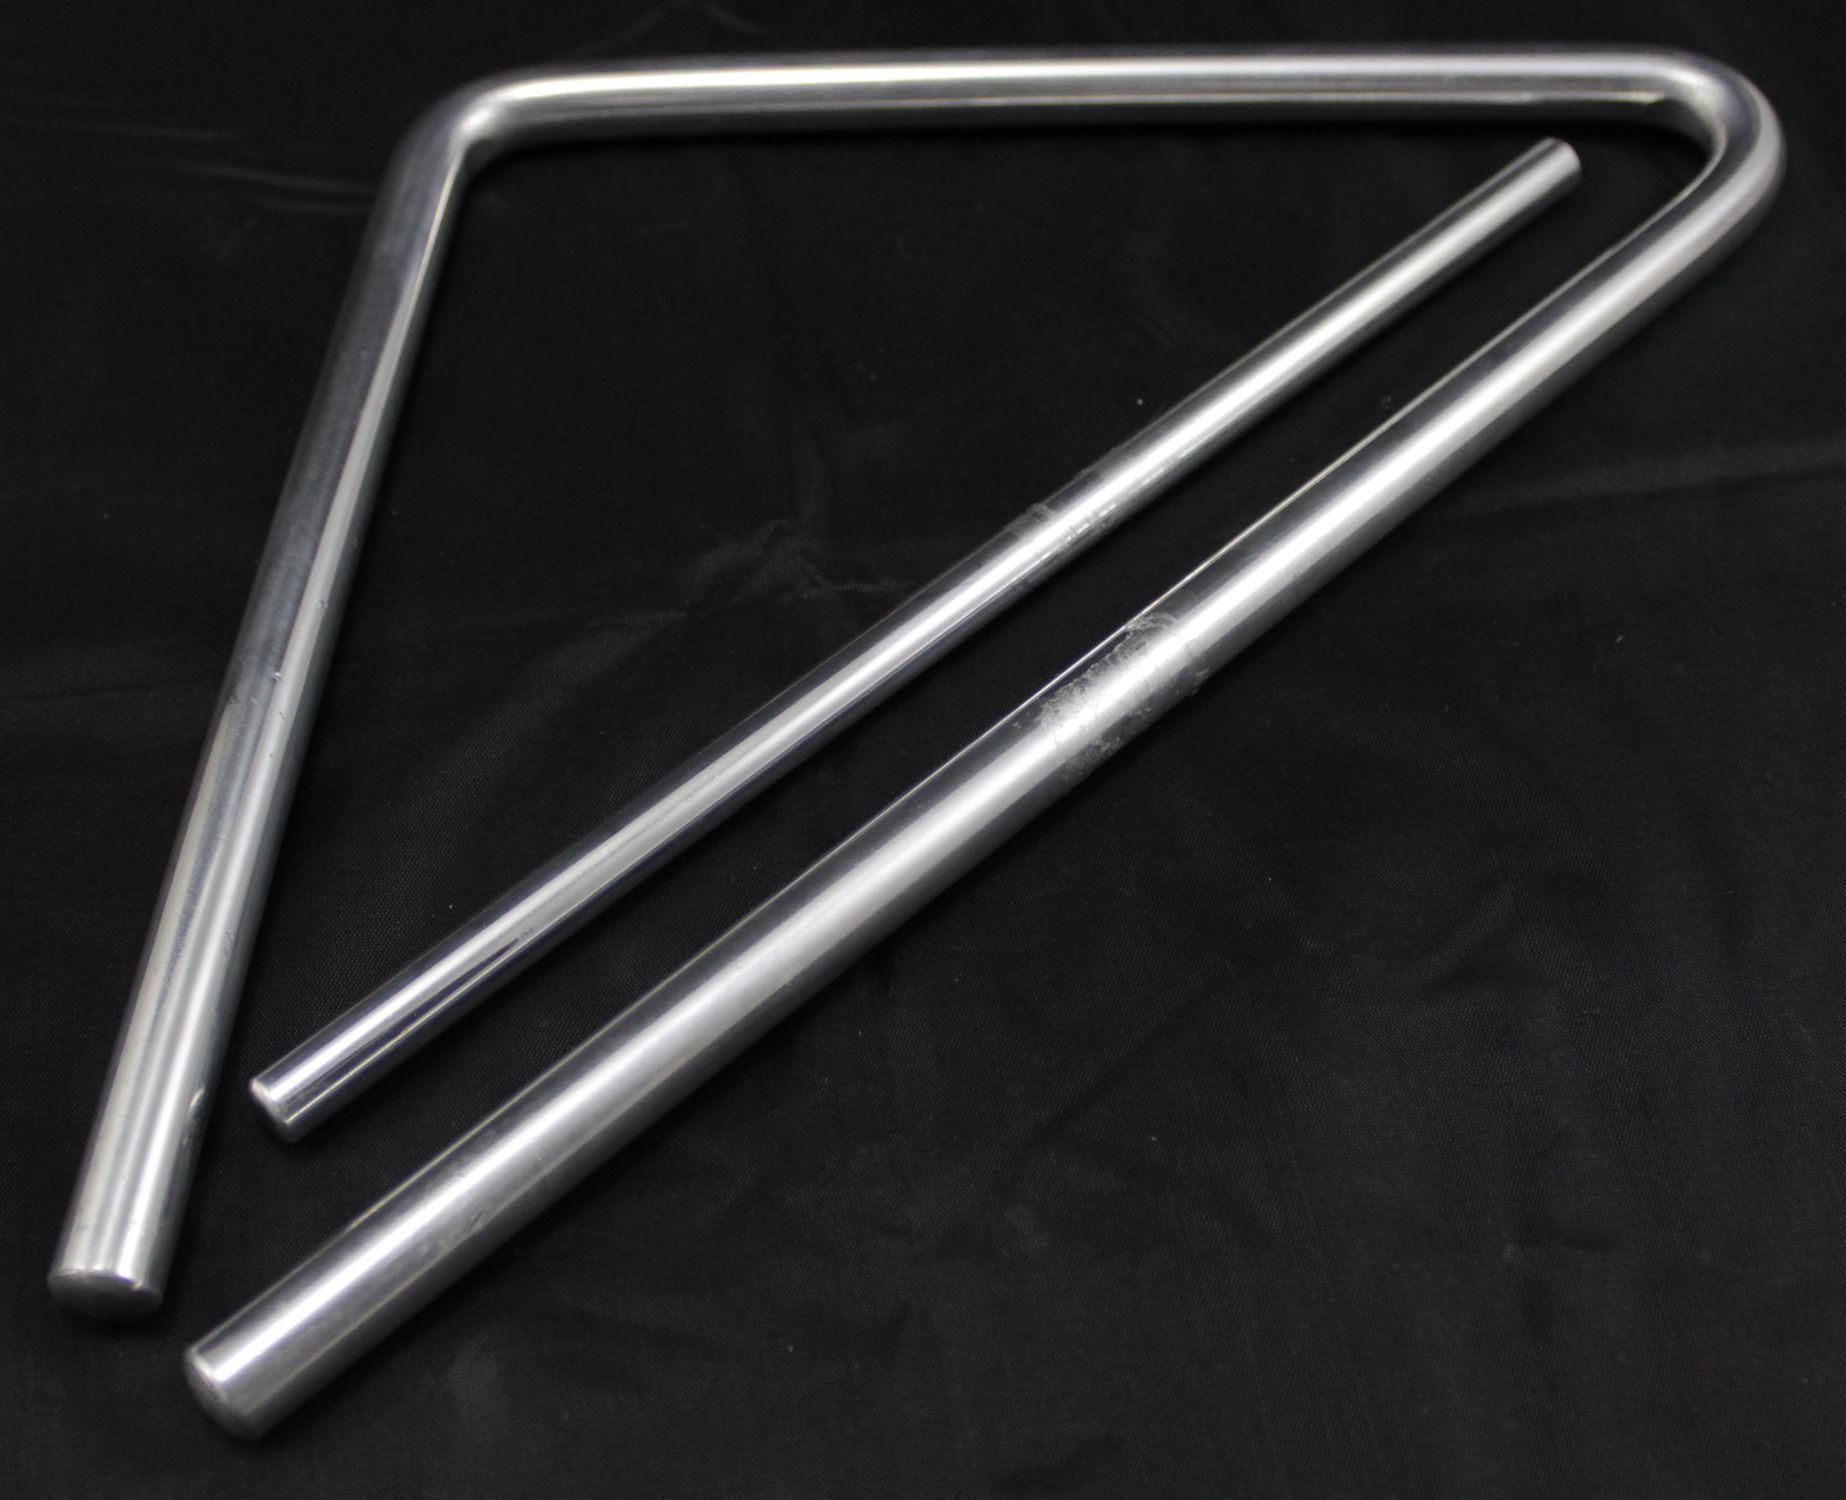 Triângulo Luen em Aluminio Grande de 25 CM - 19043